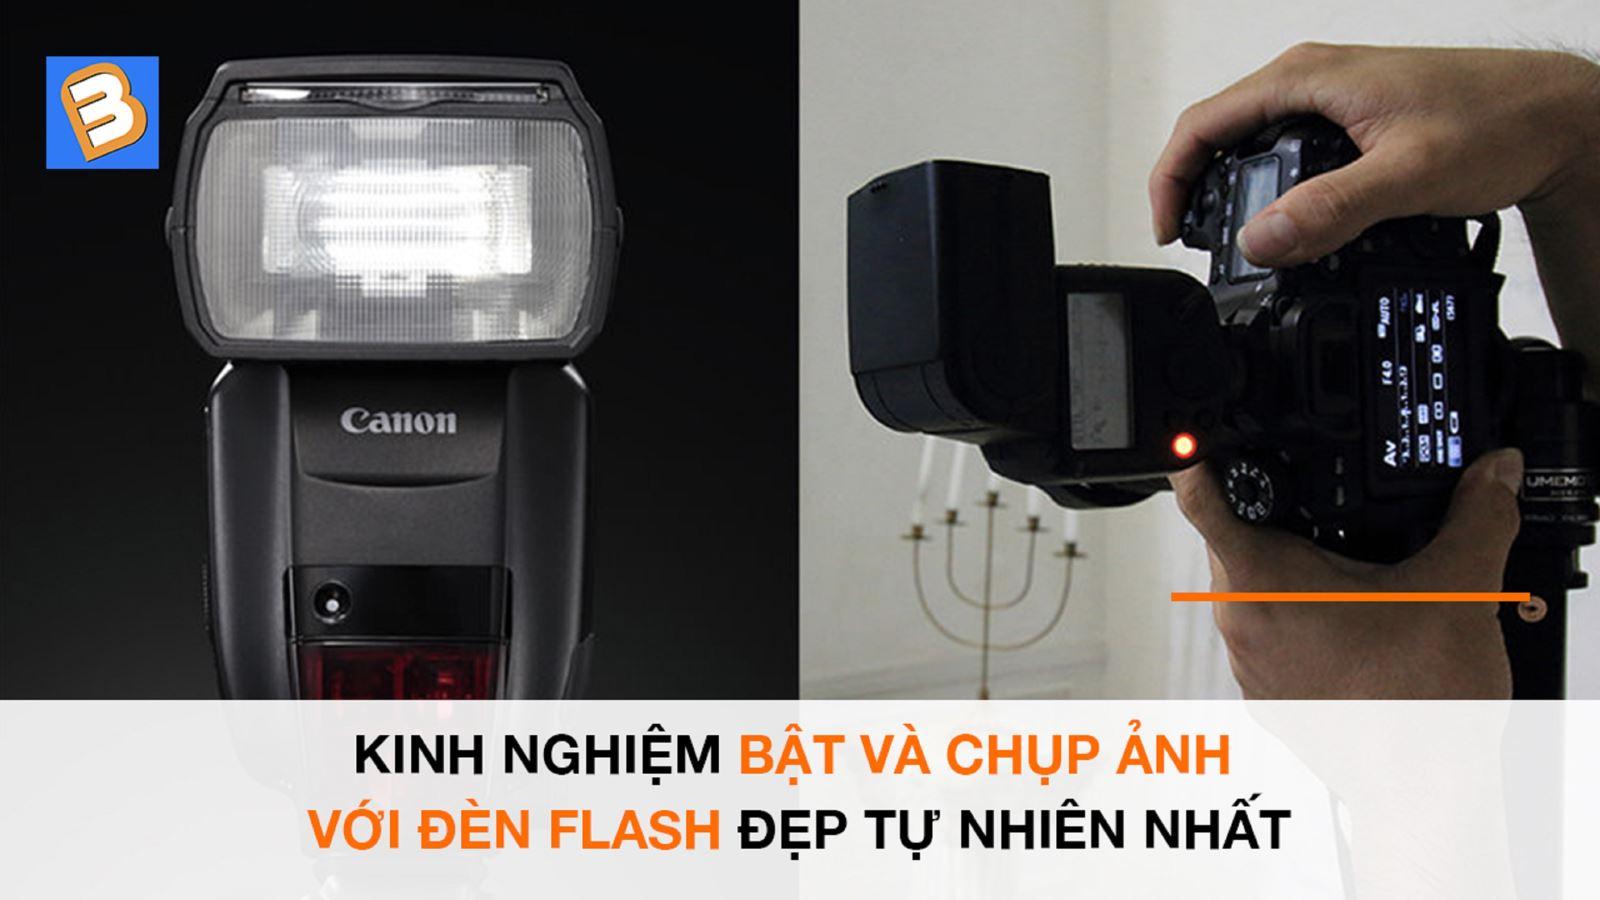 Kinh nghiệm bật và chụp ảnhvới đèn Flash đẹptự nhiên nhất